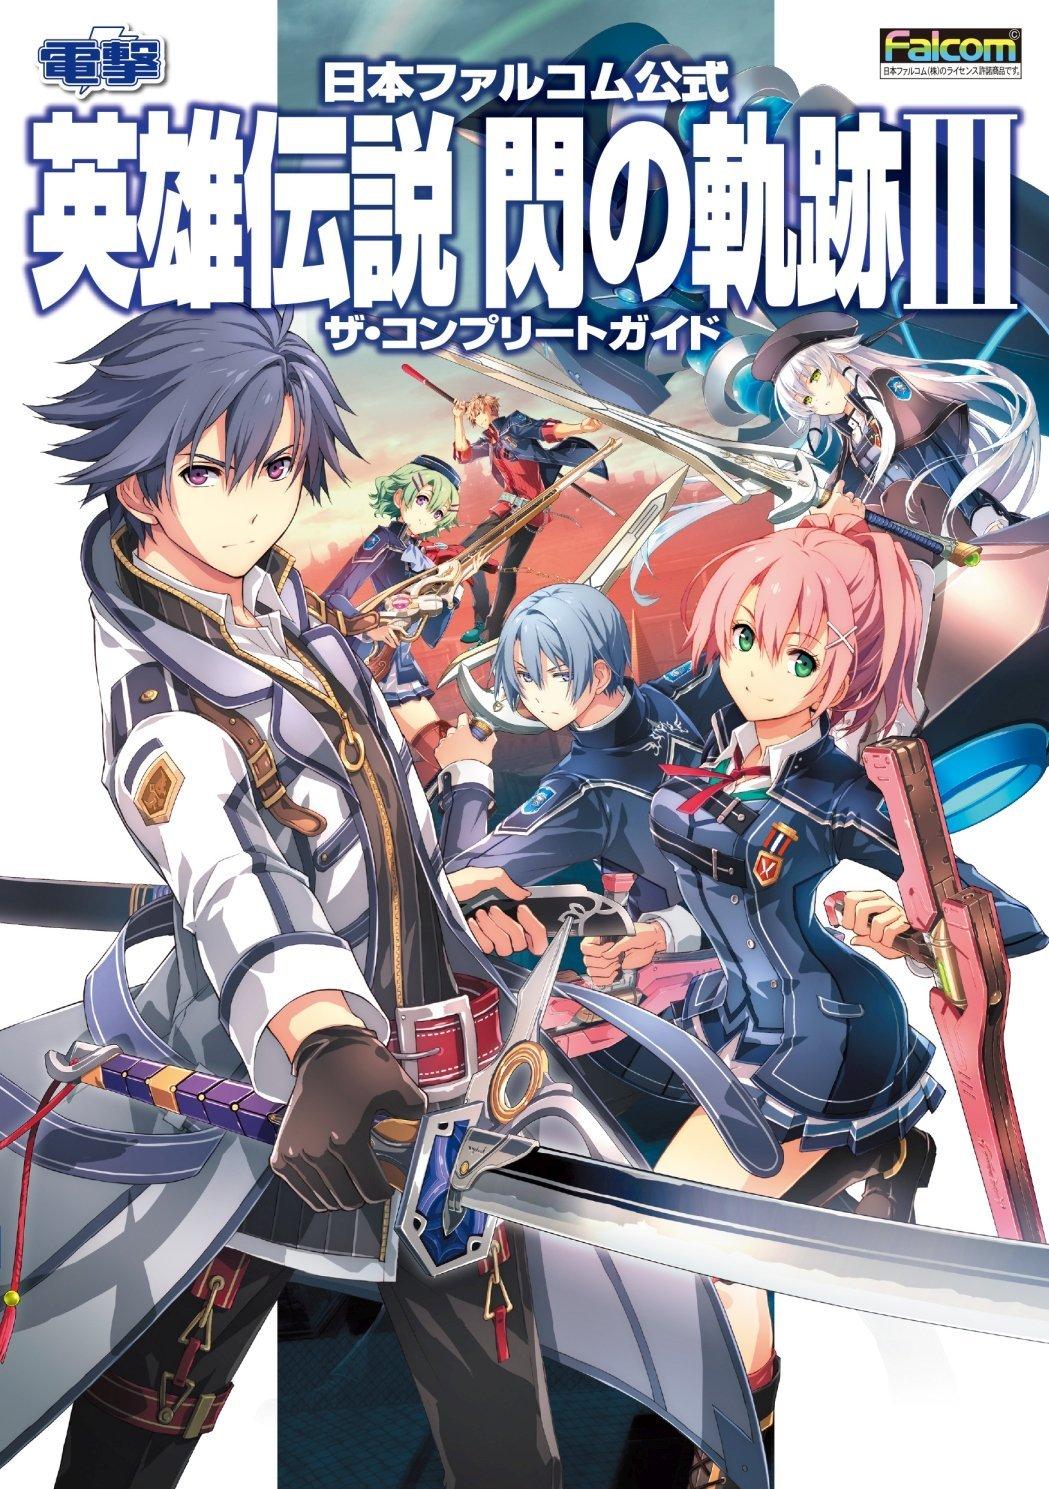 Legend of Heroes: Sen no Kiseki III - The Complete Guide